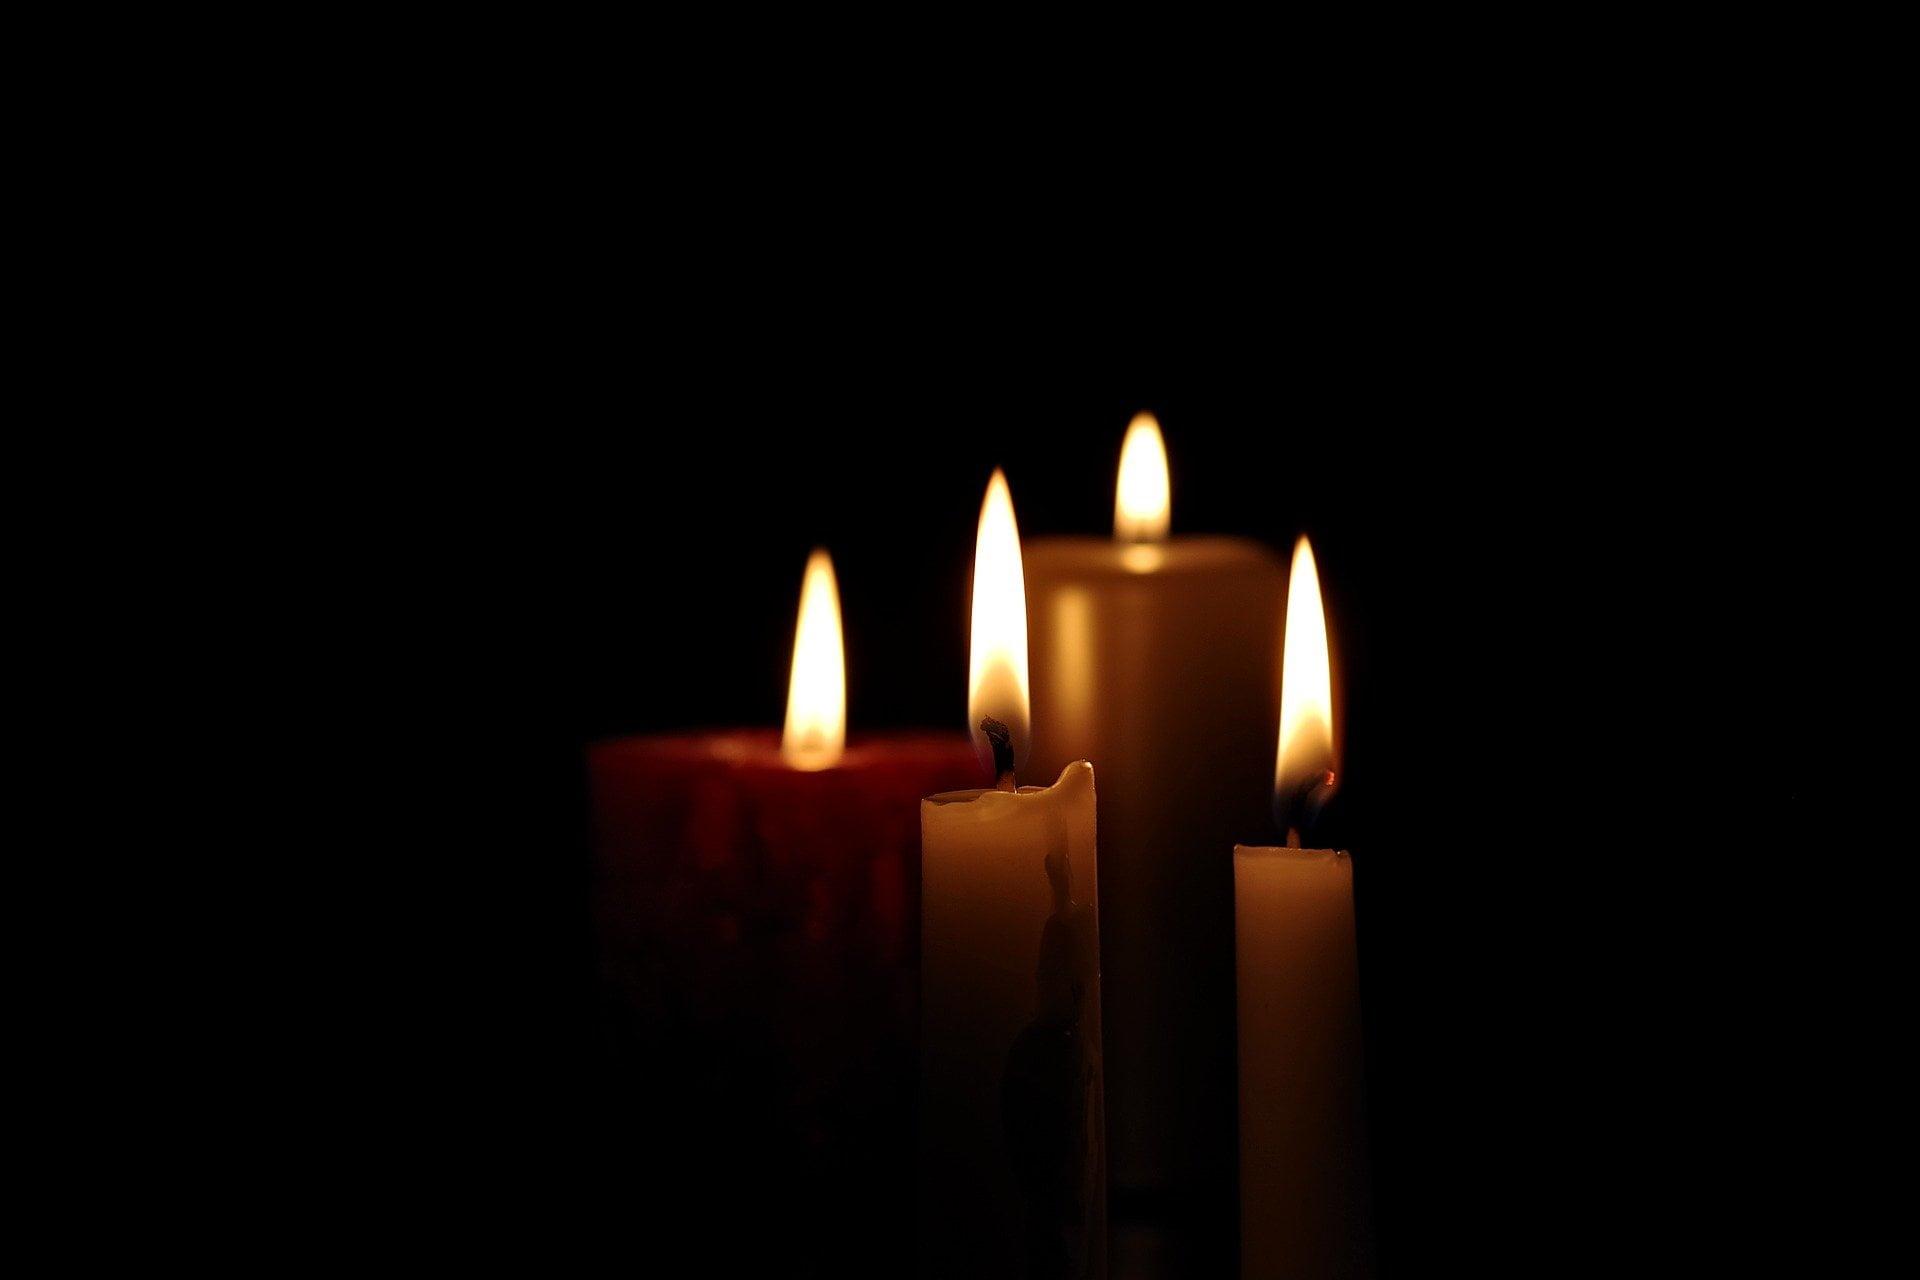 Tego samego dnia zmarło czterech księży z naszego regionu: Antoni Piś, Stanisław Trytek, Andrzej Klimek, Wincenty Krzyżak